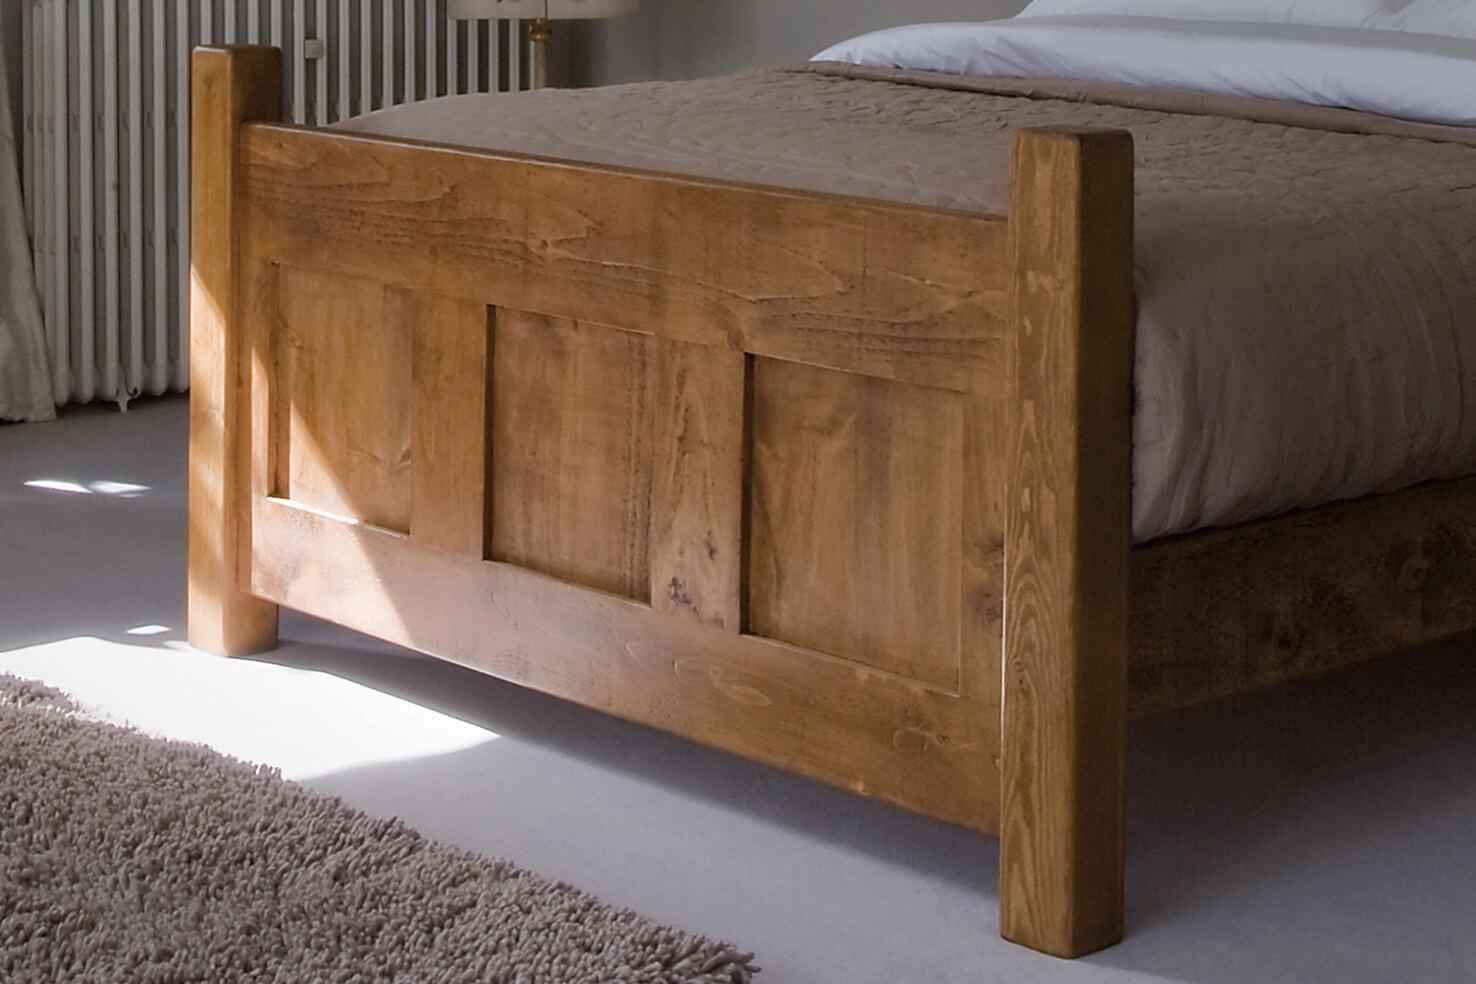 Hạ giá giường gỗ khi sử dụng gỗ ghép